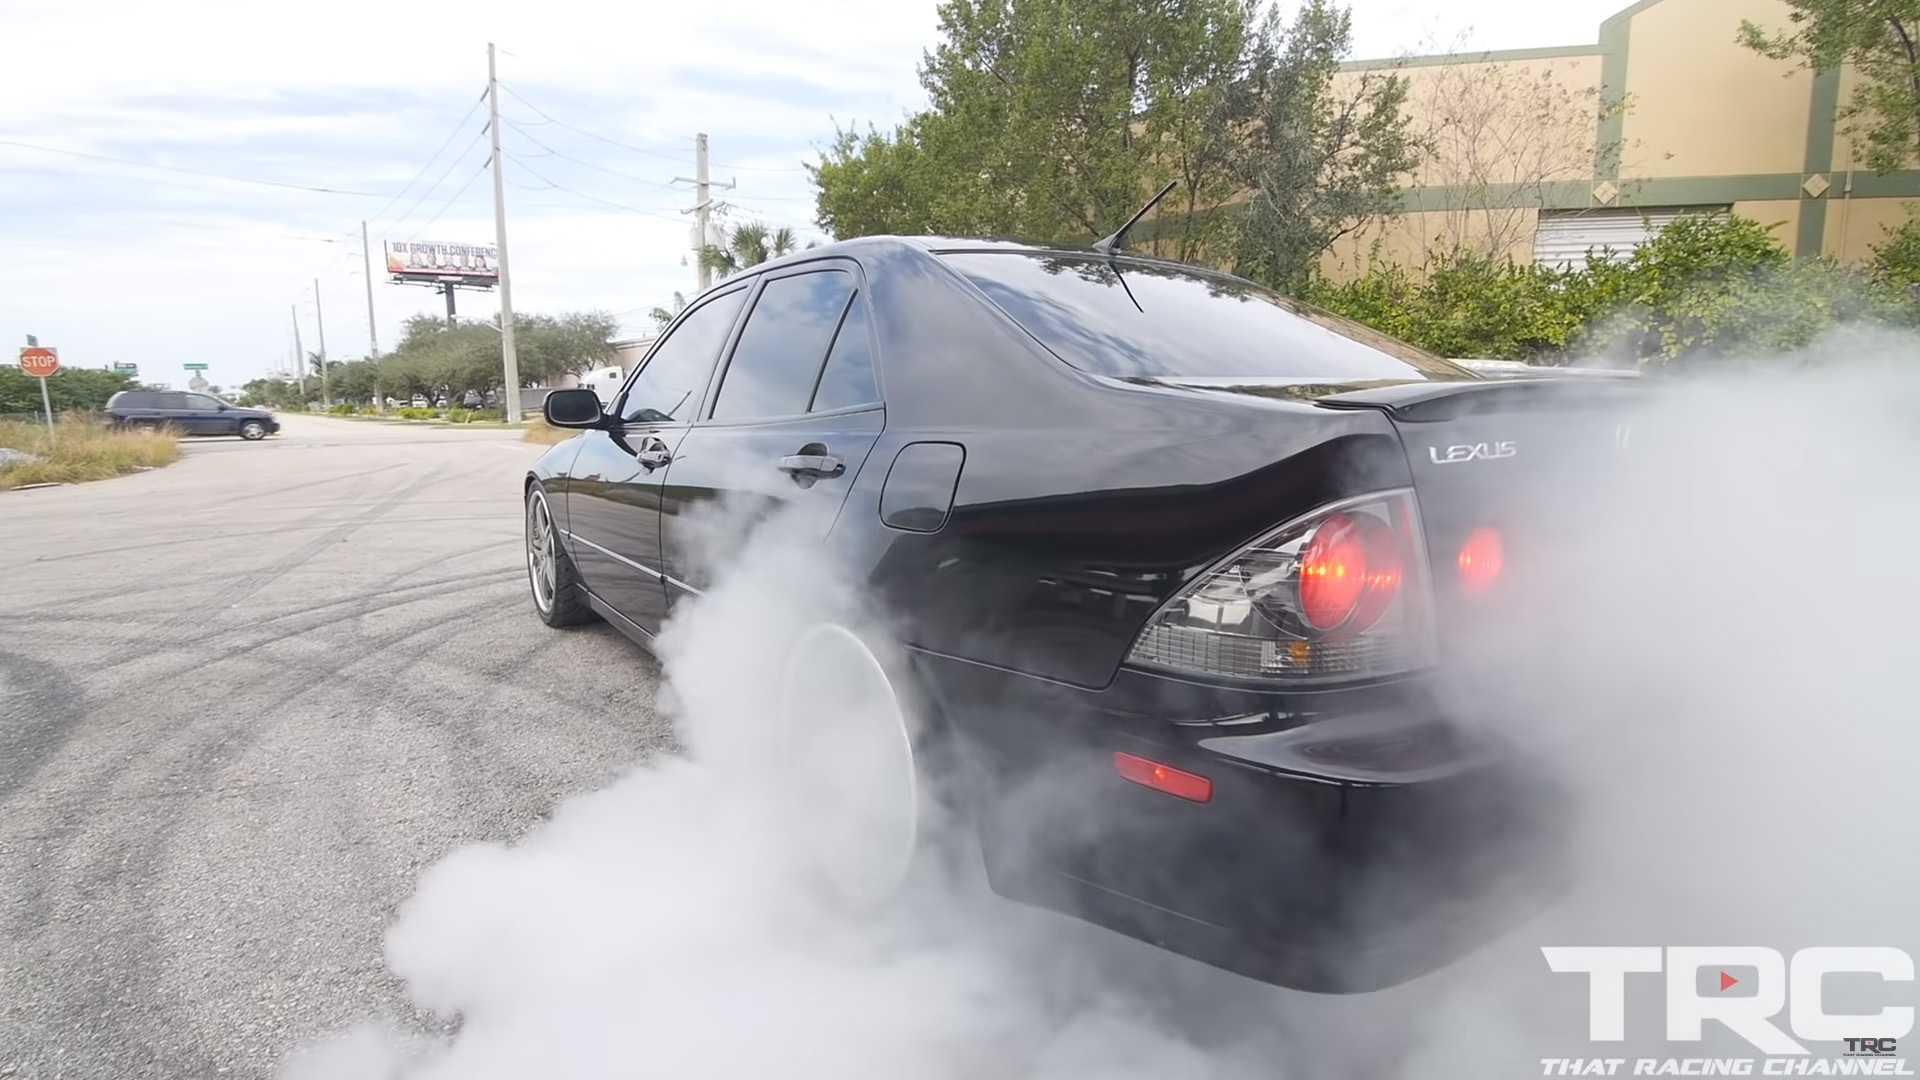 Lexus IS300 Sleeper Packs More Power Than A Bugatti Veyron